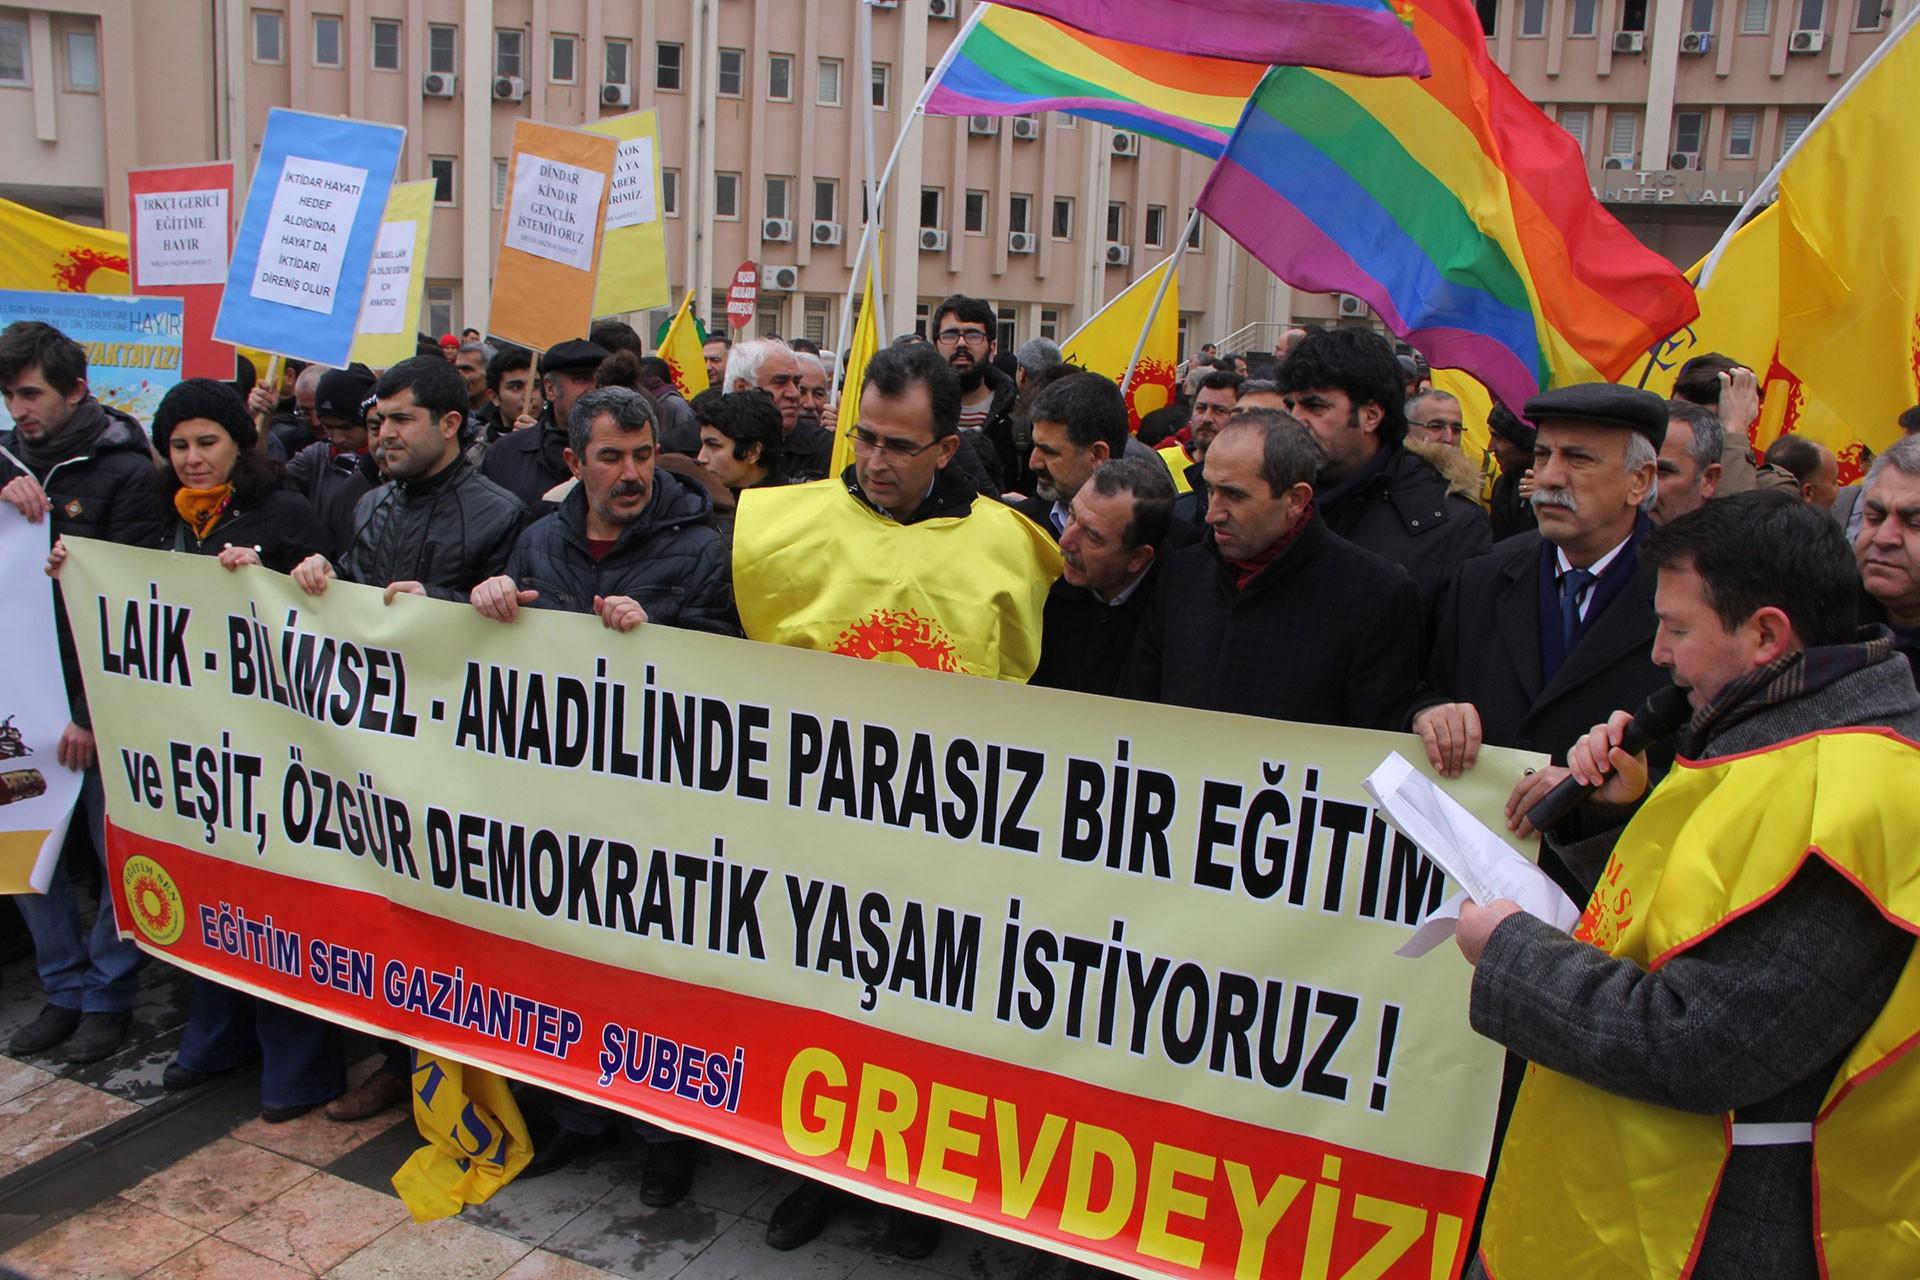 Antep'te valilik binası önünde yapılan eylem